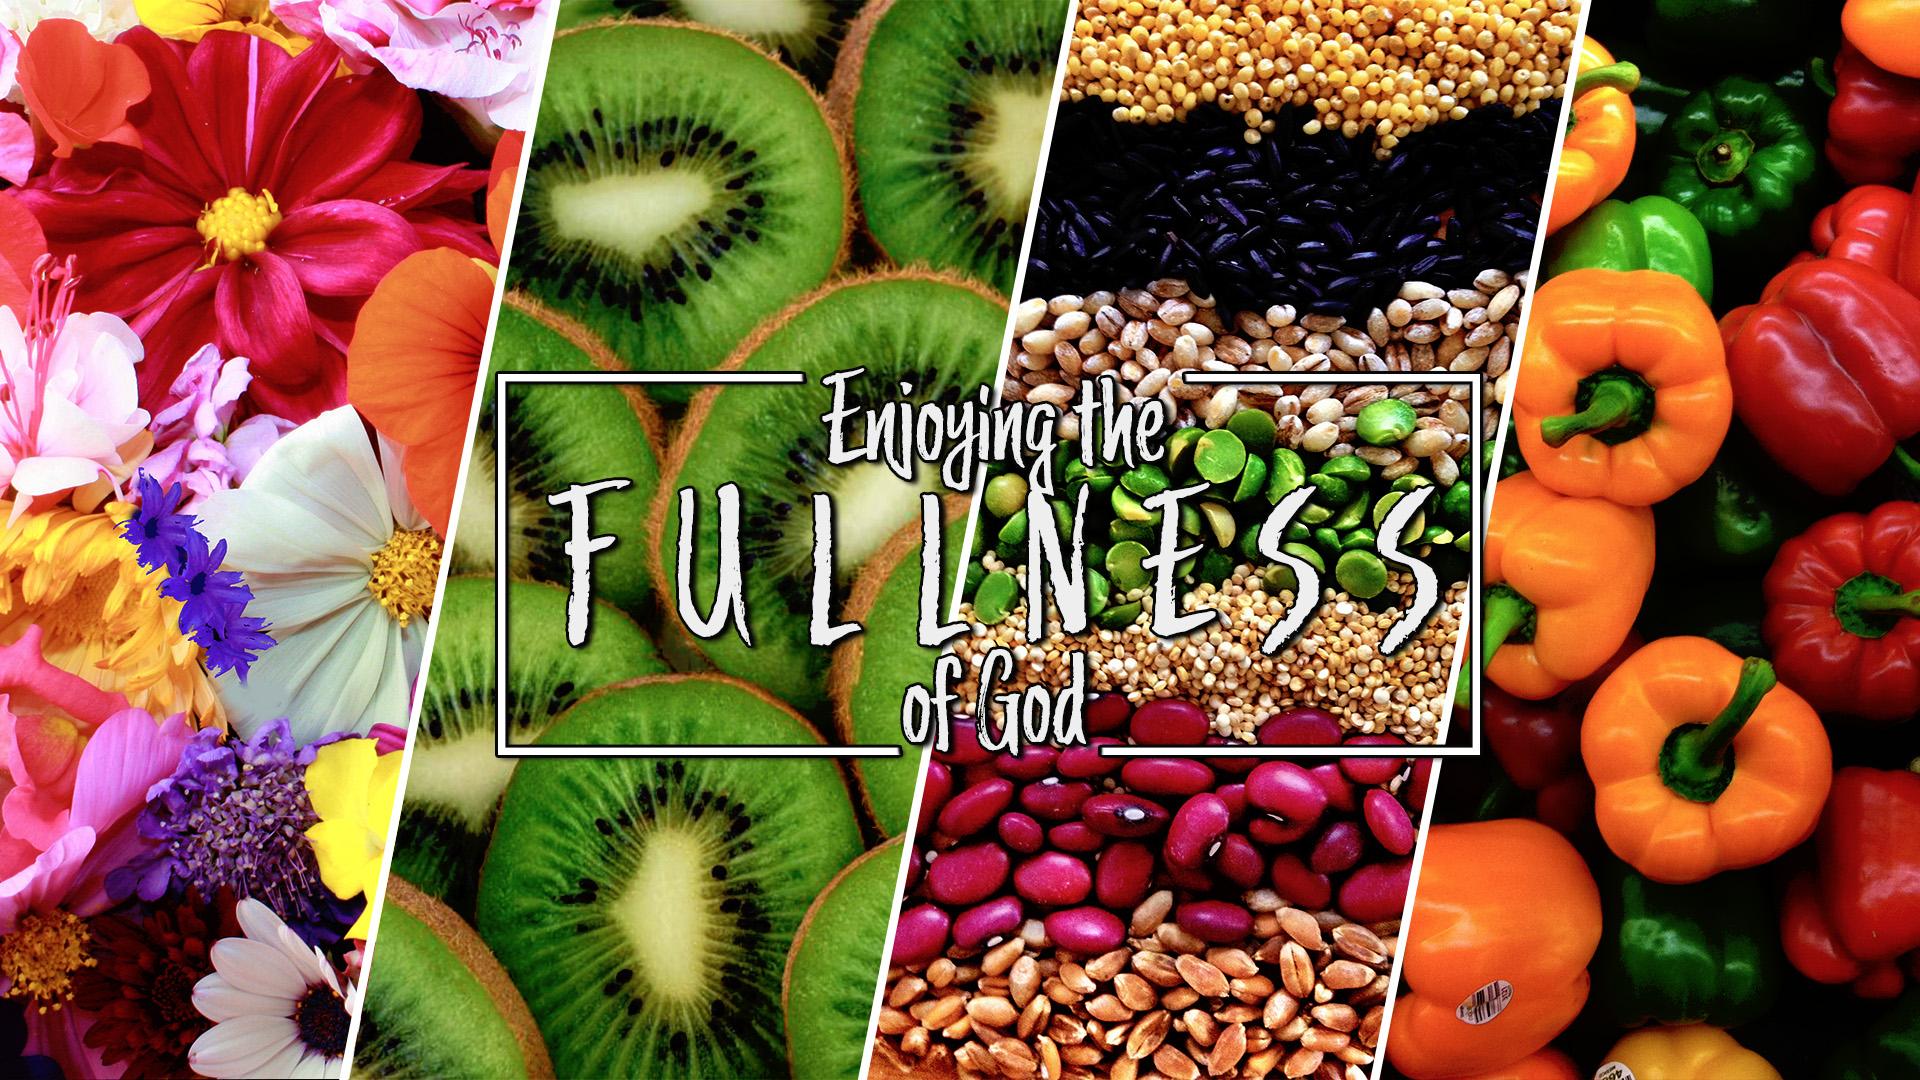 Enjoying the Fullness of God MAIN.jpg